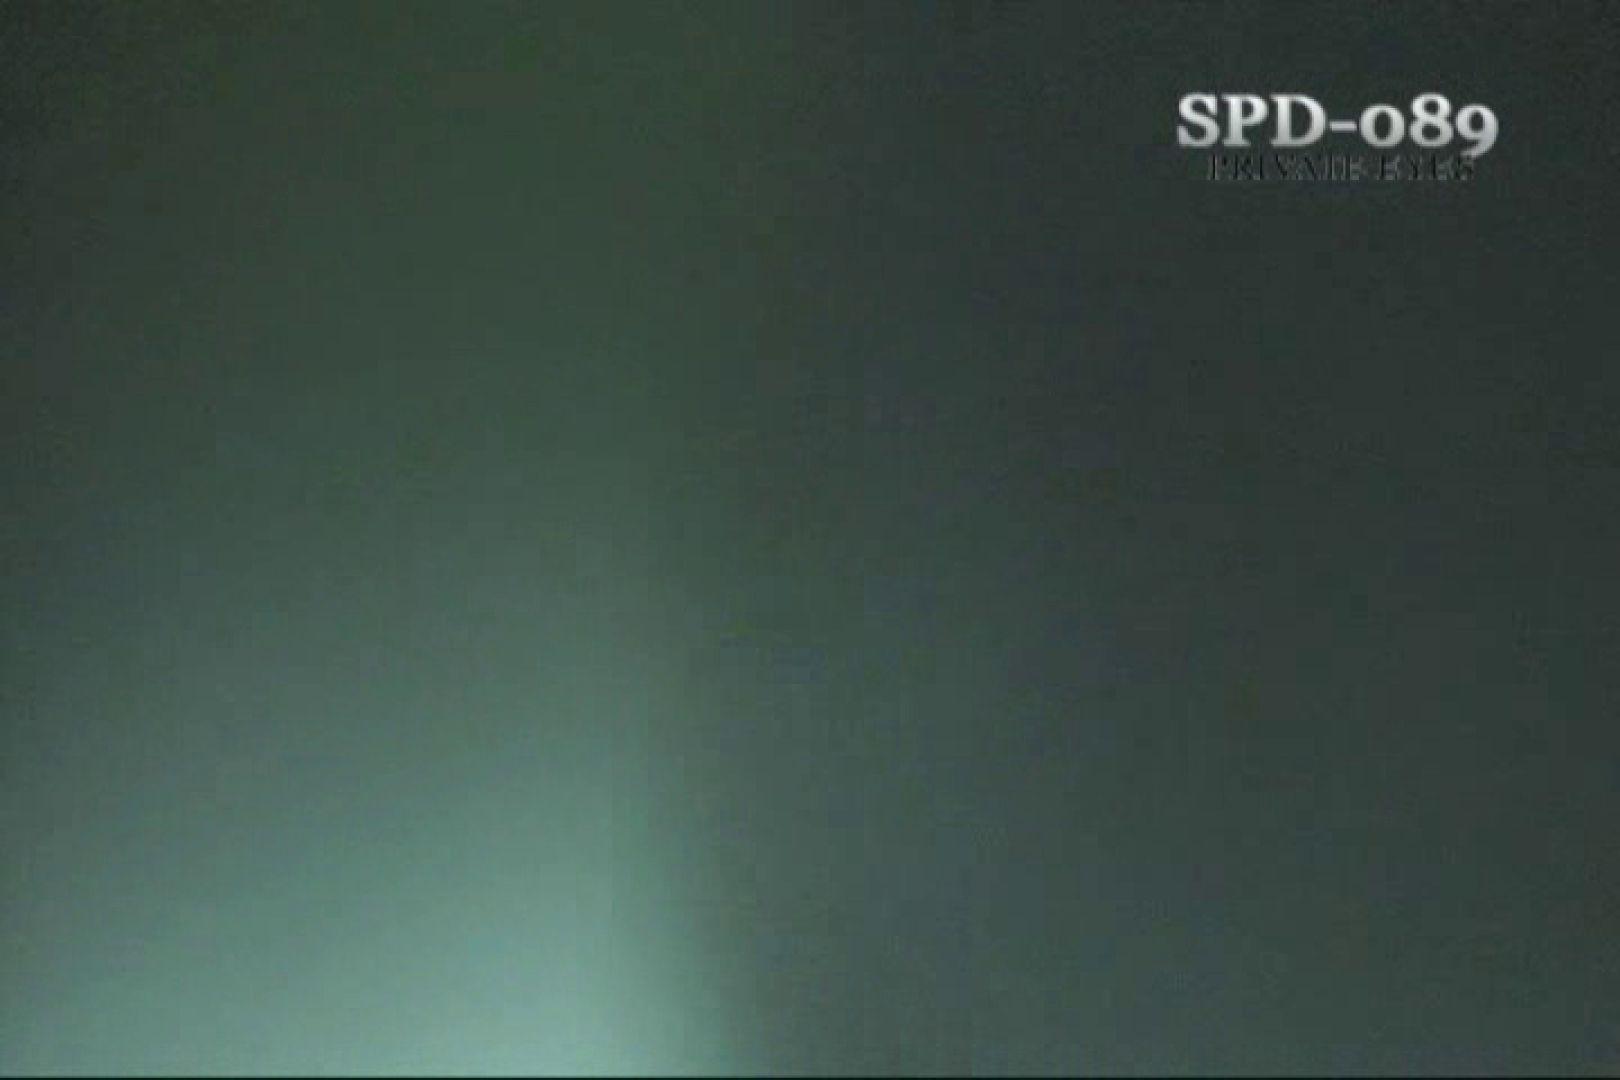 高画質版!SPD-089 厠の隙間 4 高画質  54連発 20